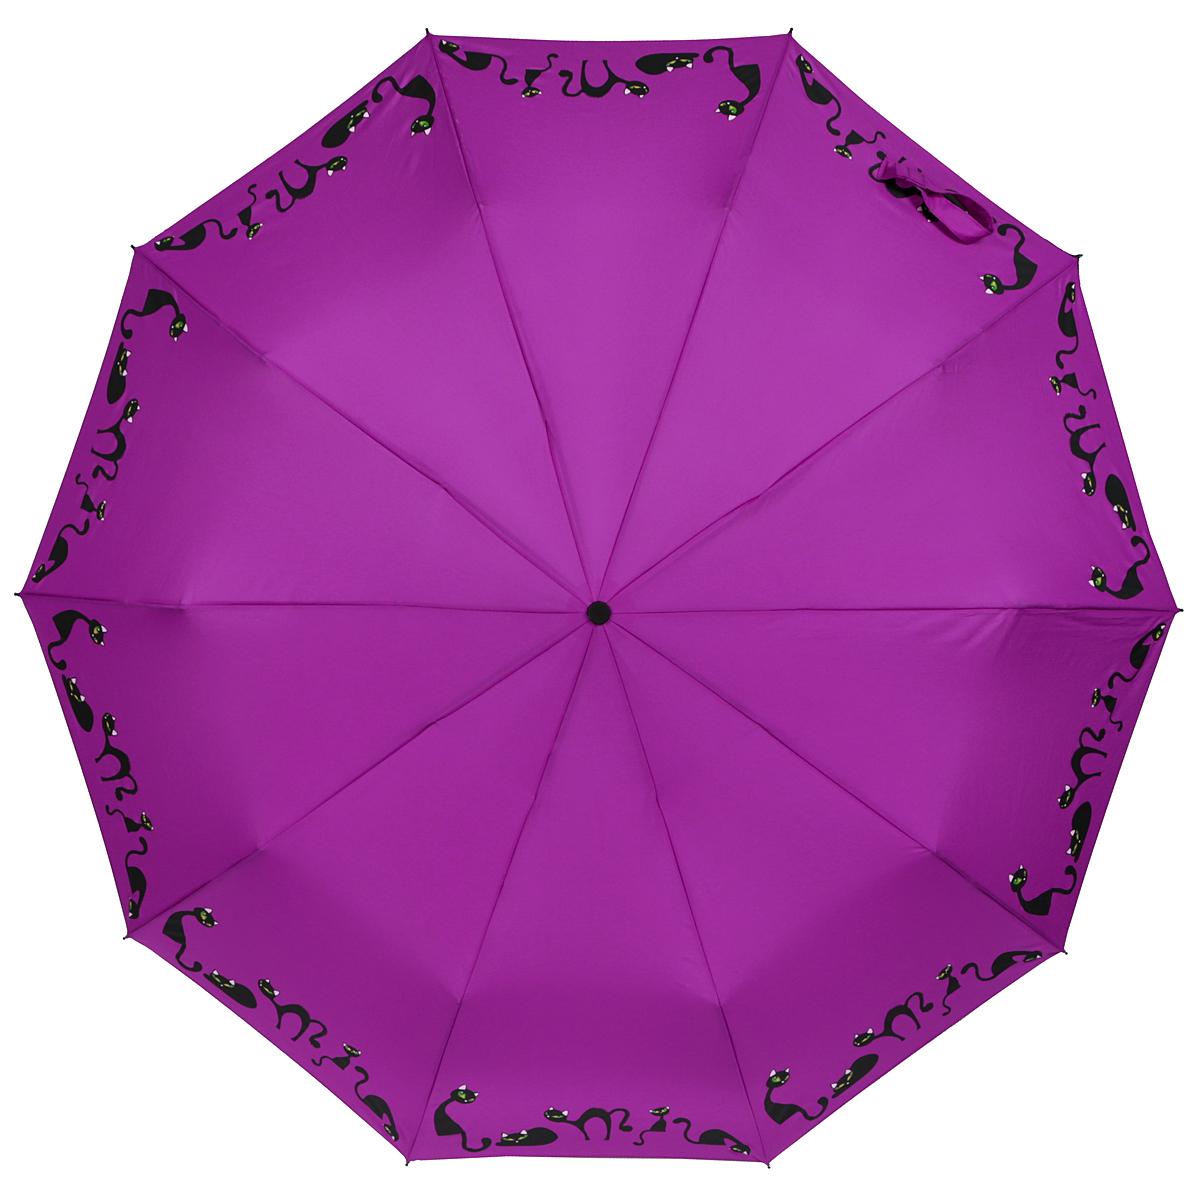 Зонт женский Zest, автомат, 3 сложения, цвет: фиолетовый. 23969-102323969-1023Элегантный автоматический зонт Zest в 3 сложения изготовлен из высокопрочных материалов. Каркас зонта состоит из 10 спиц и прочного алюминиевого стержня. Специальная система Windproof защищает его от поломок во время сильных порывов ветра. Купол зонта выполнен из прочного полиэстера с водоотталкивающей пропиткой и оформлен изображением прелестных кошечек. Рукоятка, разработанная с учетом требований эргономики, выполнена из металла и искусственной кожи. Зонт имеет полный автоматический механизм сложения: купол открывается и закрывается нажатием кнопки на рукоятке, стержень складывается вручную до характерного щелчка. Благодаря этому открыть и закрыть зонт можно одной рукой, что чрезвычайно удобно при входе в транспорт или помещение. Небольшой шнурок, расположенный на рукоятке, позволяет надеть изделие на руку при необходимости. Модель закрывается при помощи хлястика на застежку-липучку. К зонту прилагается чехол, который оснащен двумя удобными ручками. Очаровательный...